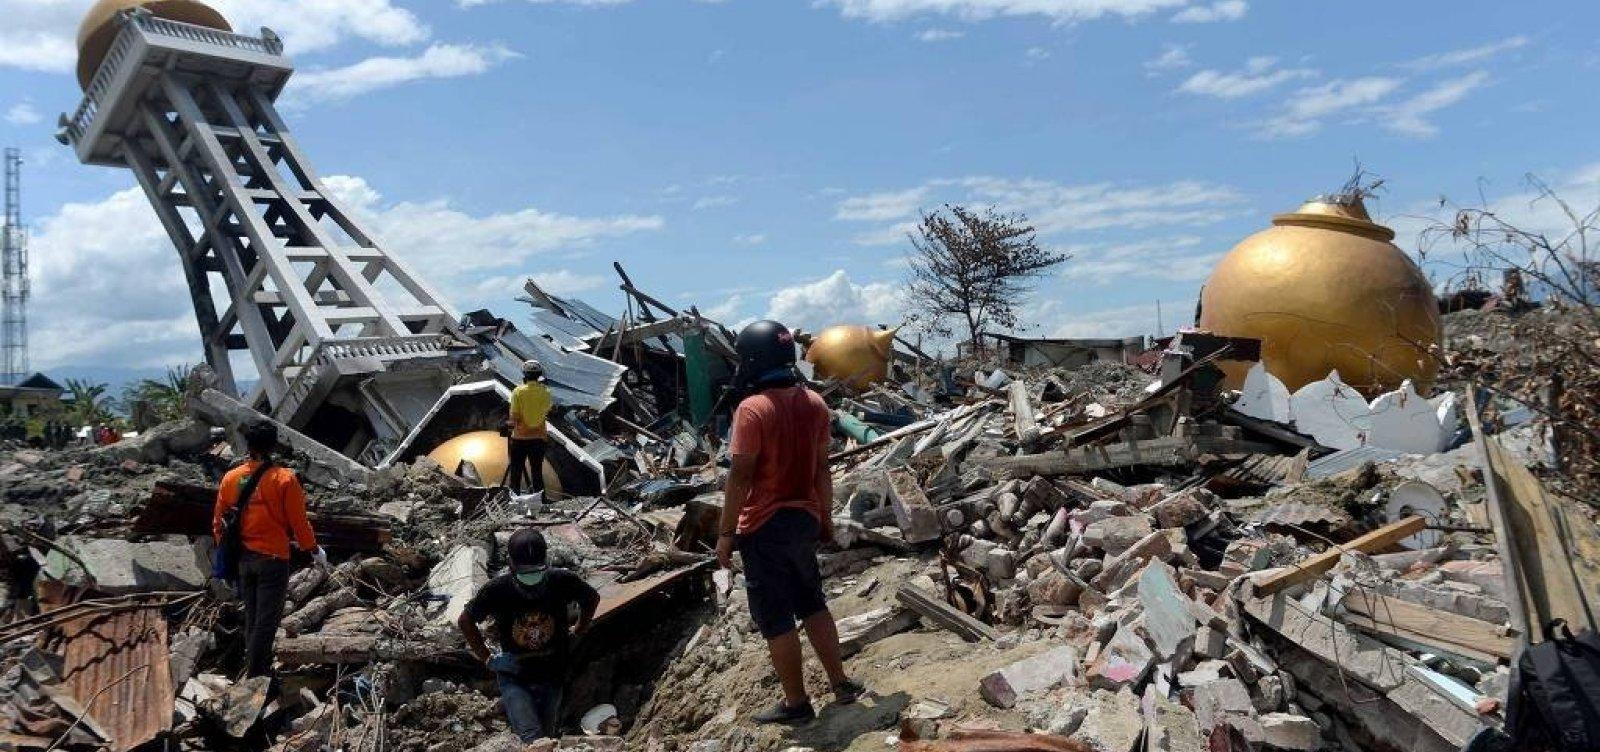 [Terremoto e tsunami na Indonésia deixaram 2 mil mortos]